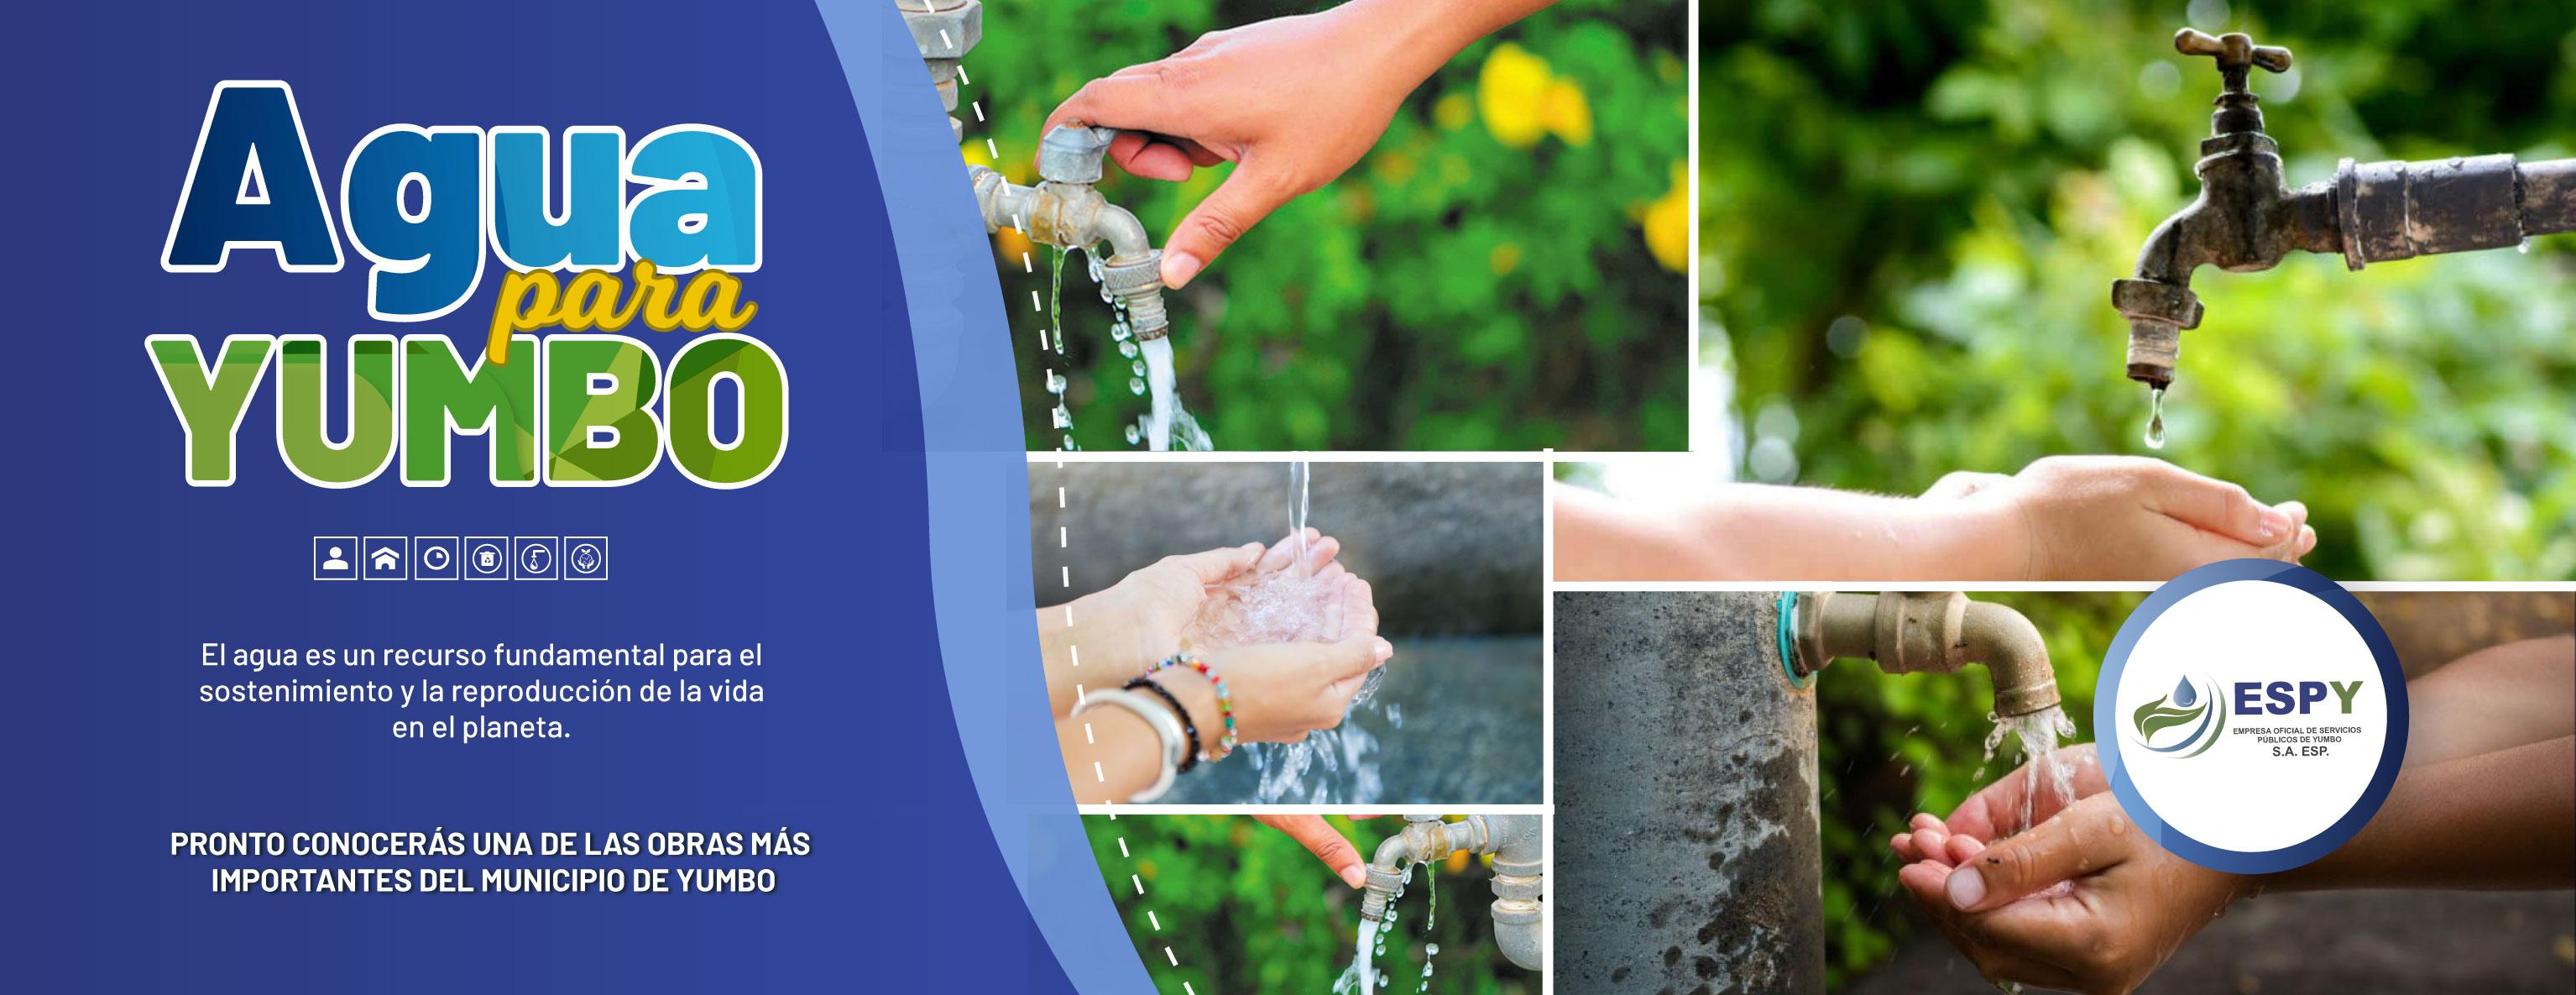 Agua-para-yumbo-23092020